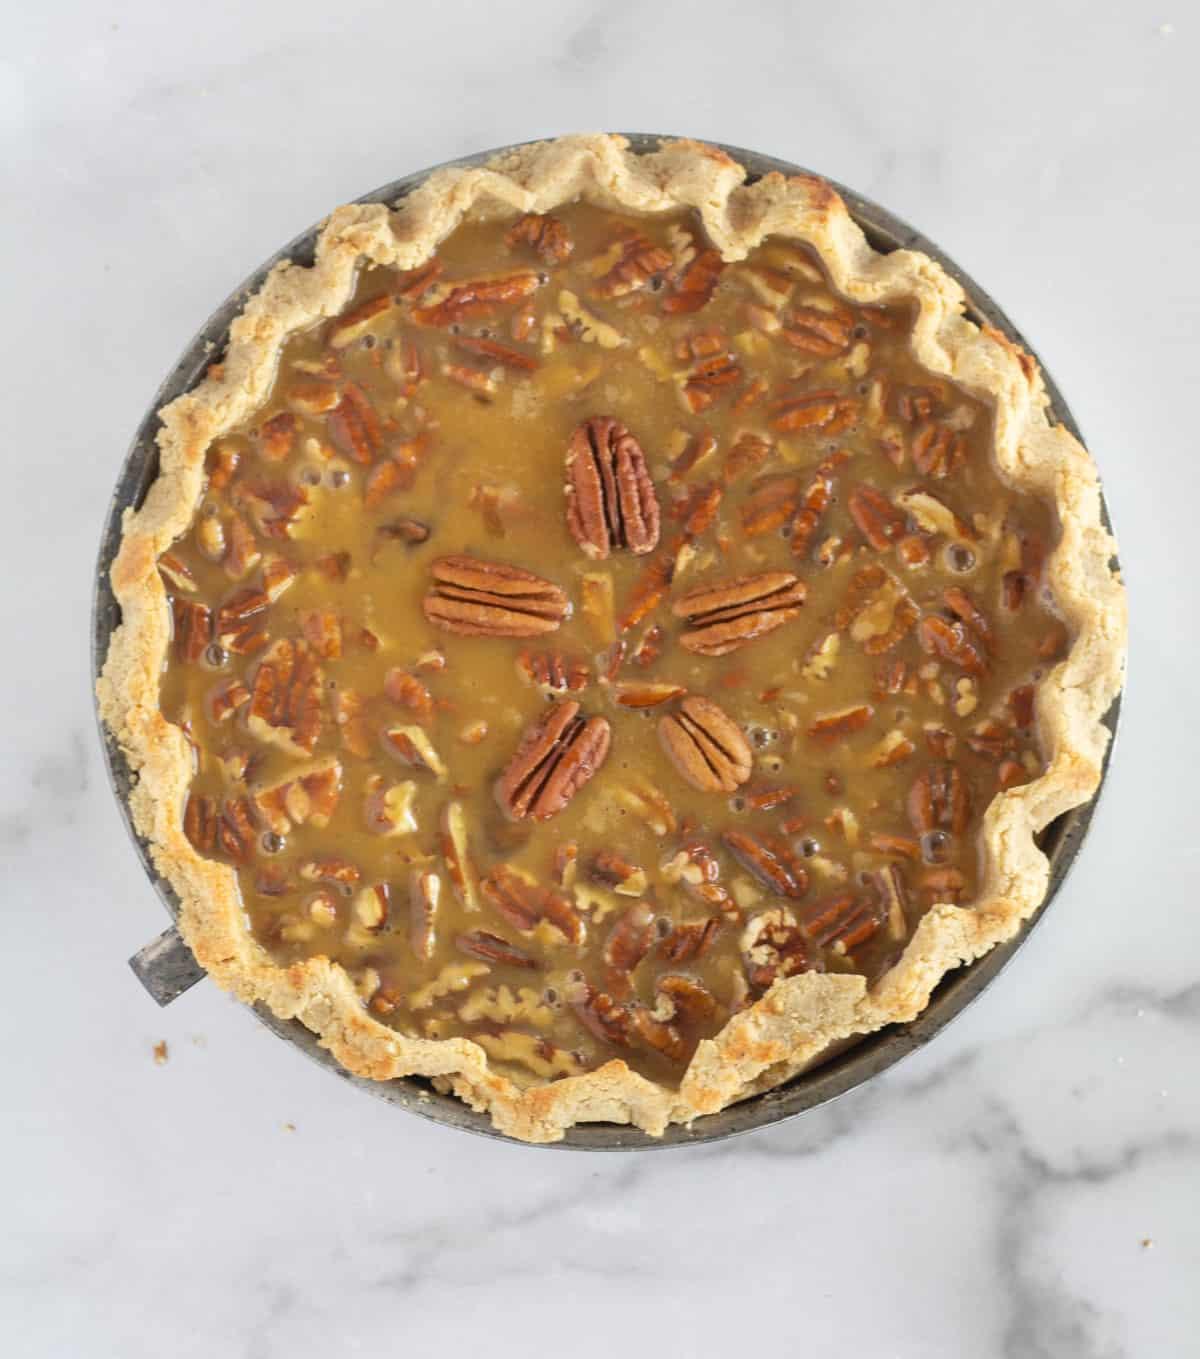 unbaked pie in pie pan